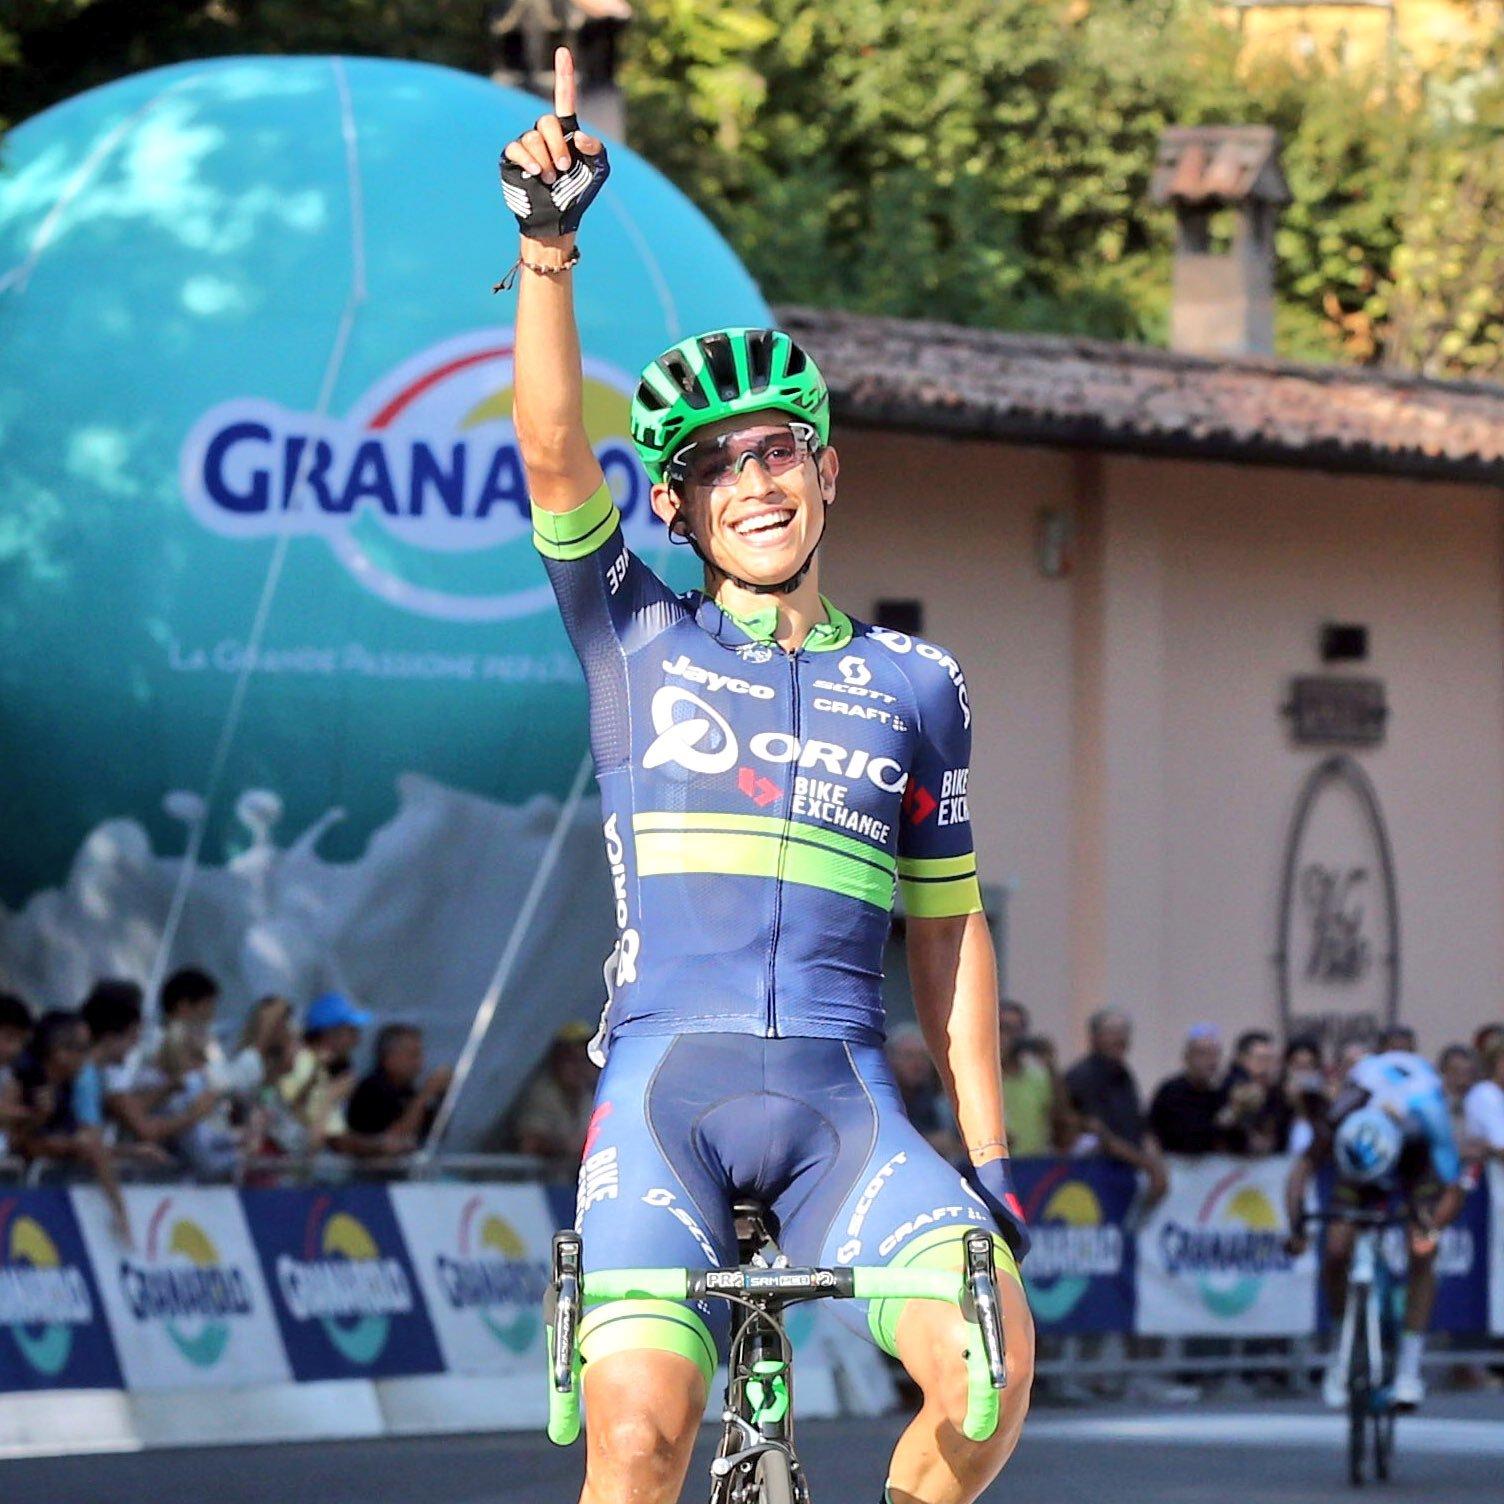 El colombiano Esteban Chaves se coronó campeón del Giro de Emilia